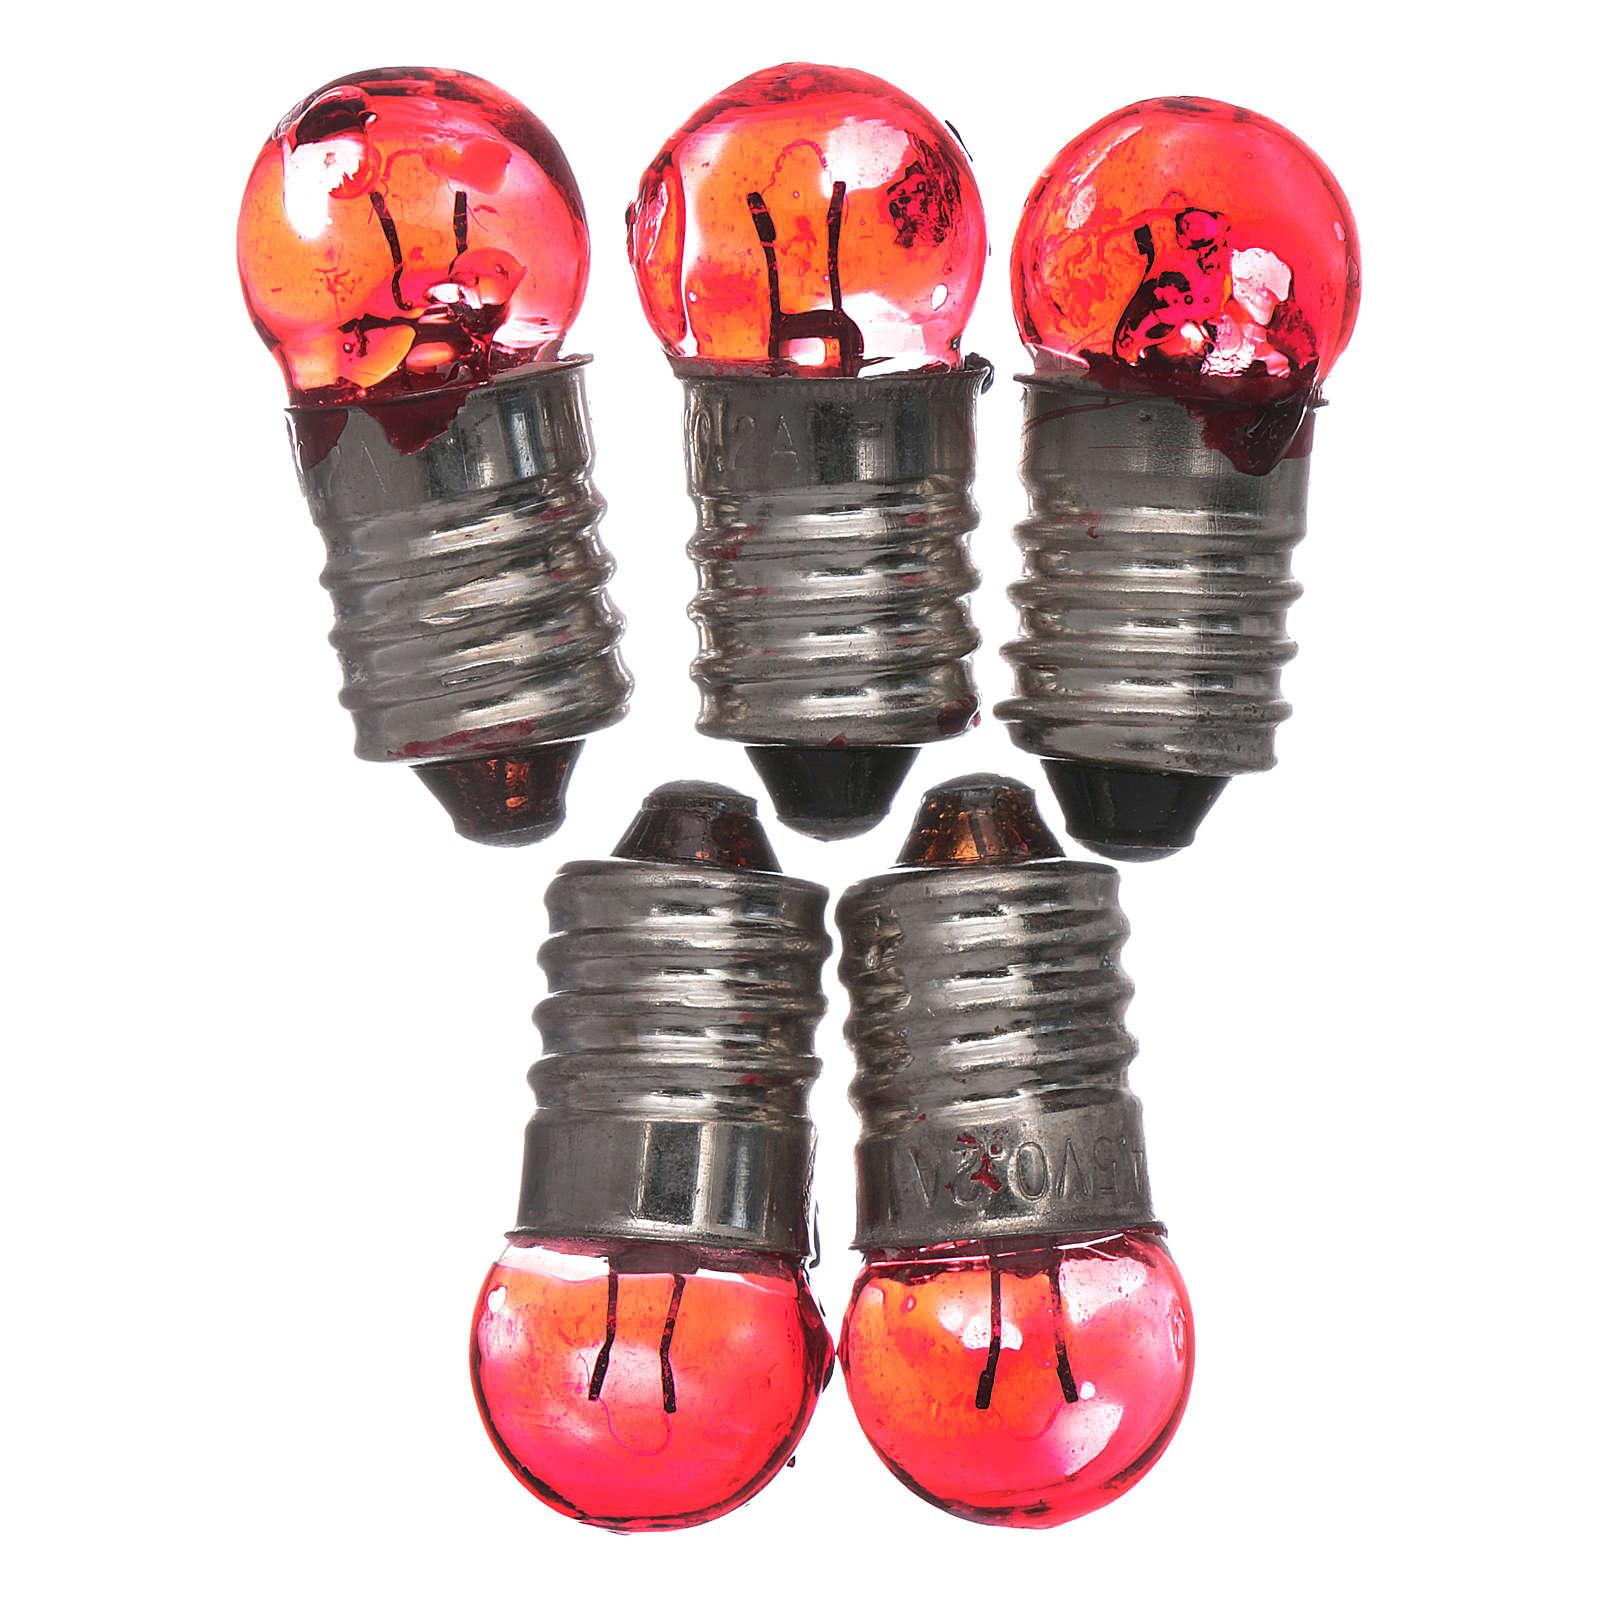 Bombilla E10 roja 5 pz. 3,5-4,5v. 4